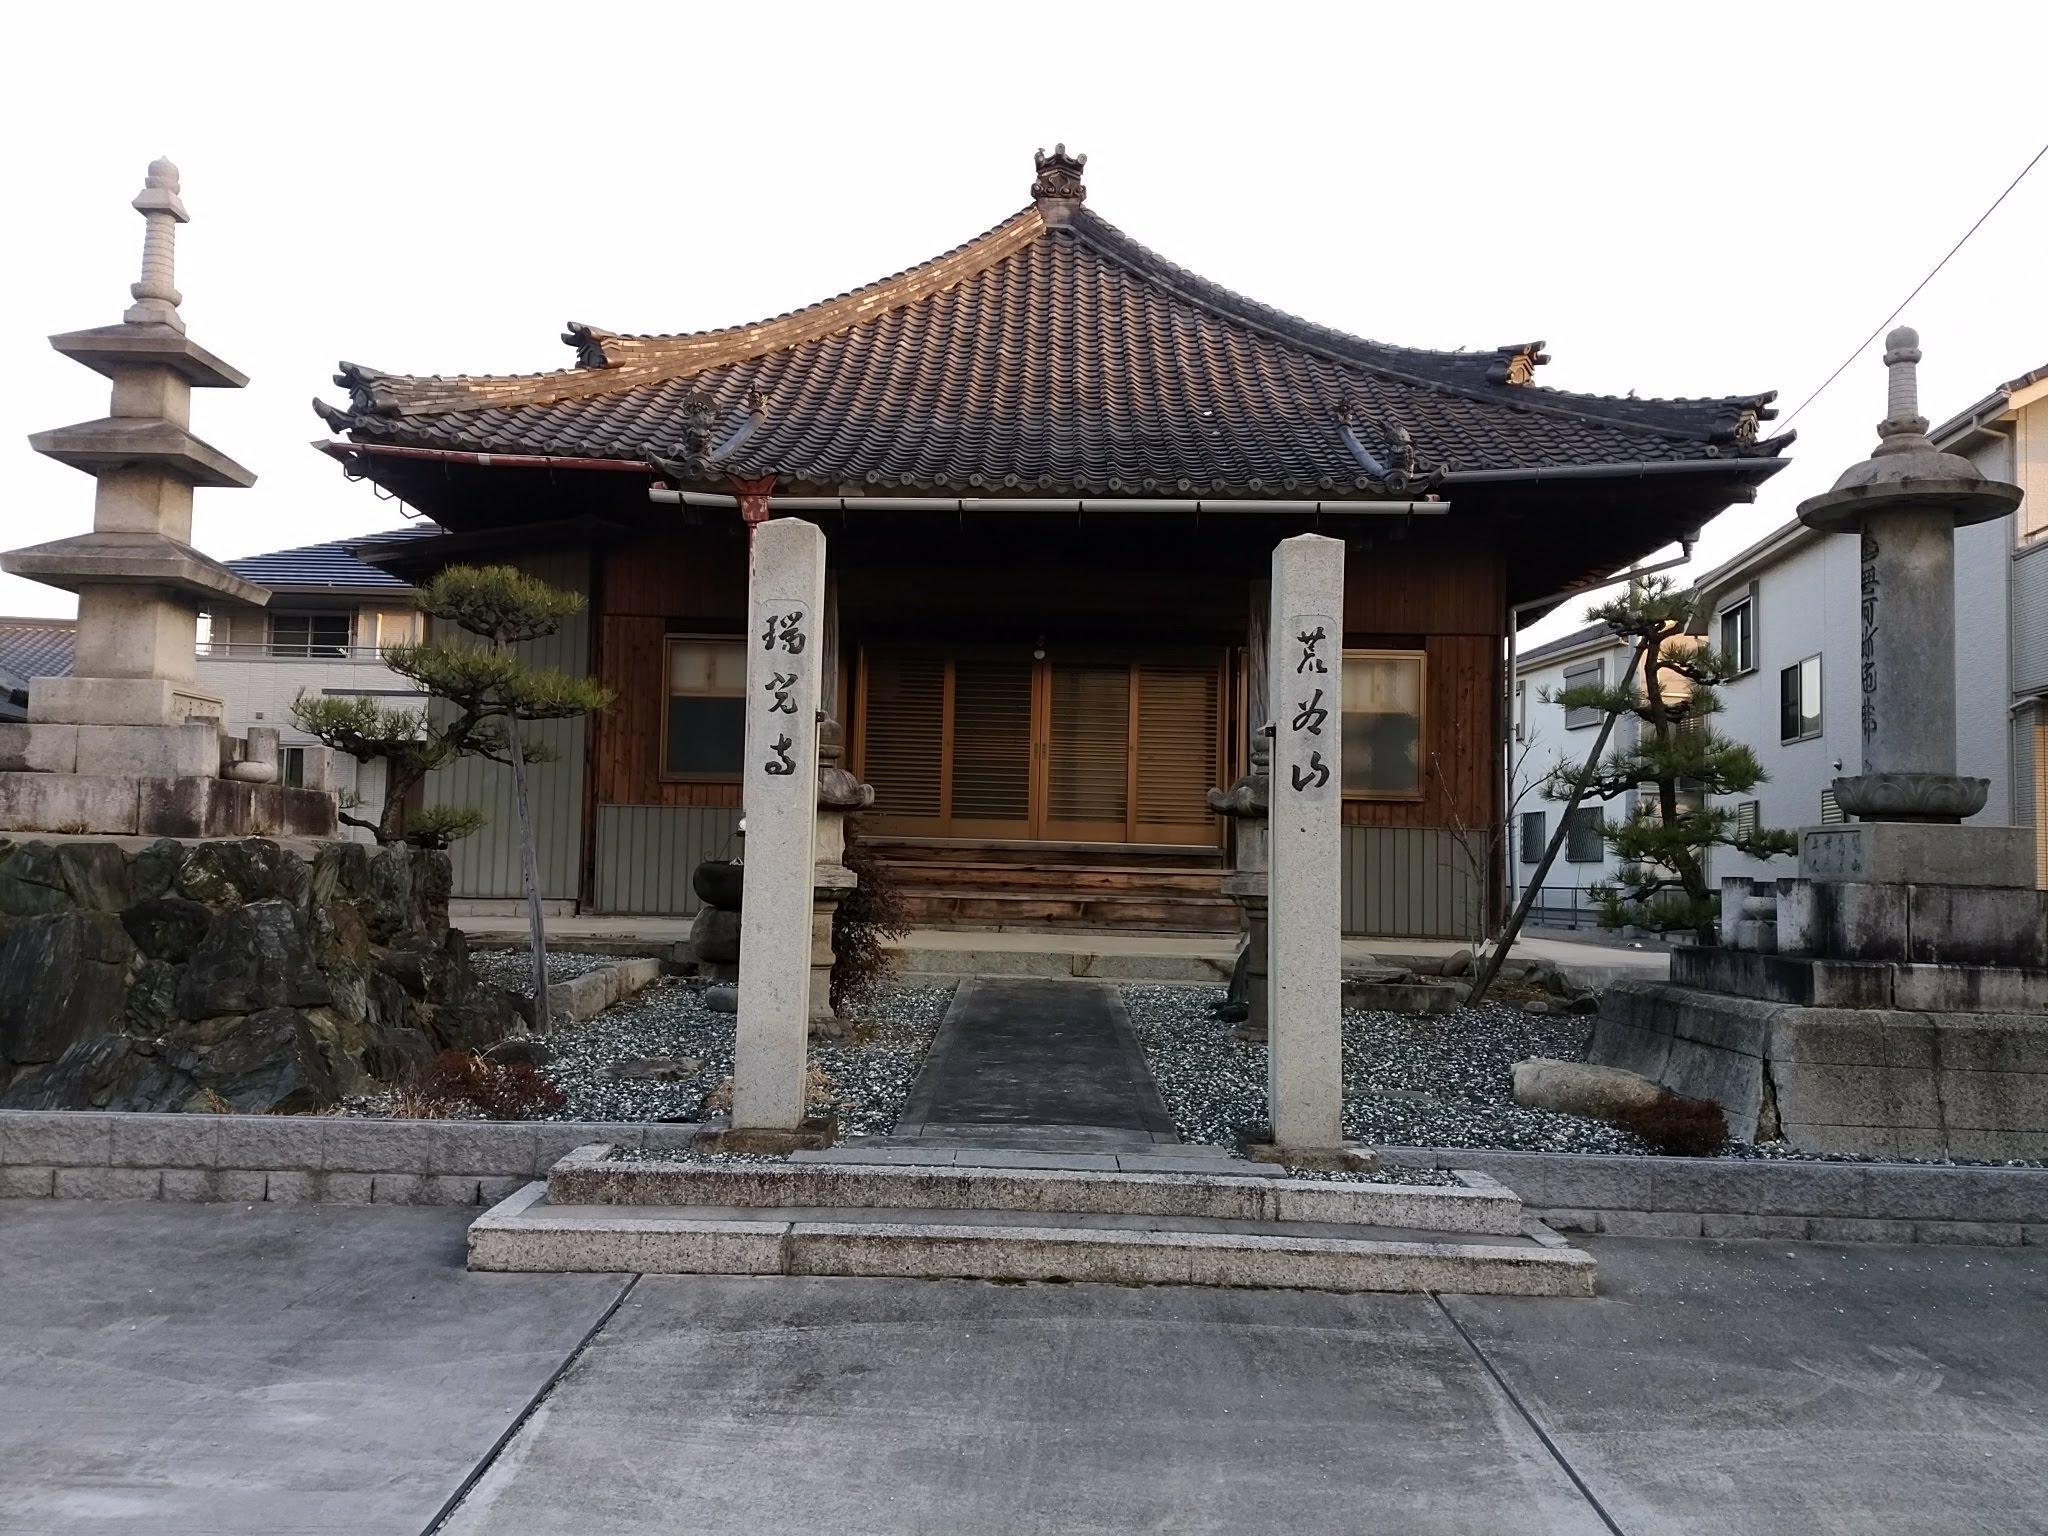 荒谷山 瑞光寺の本殿